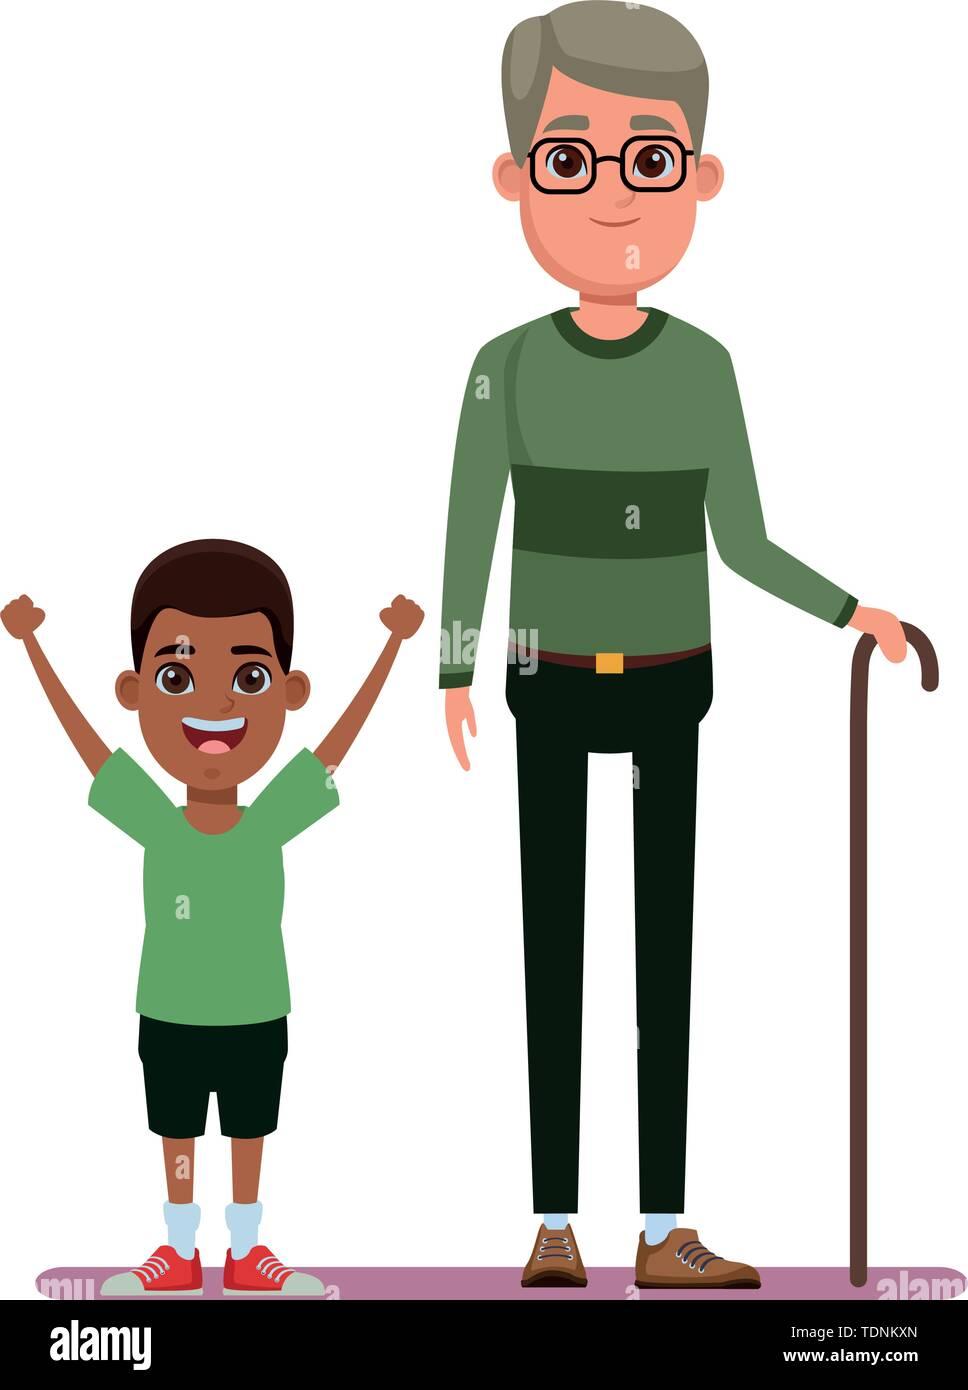 Familie avatar Großvater mit Brille und Zuckerrohr Neben junge Profil Bild cartoon afroamerican Charakter portrait Vector Illustration graphic design Stockbild